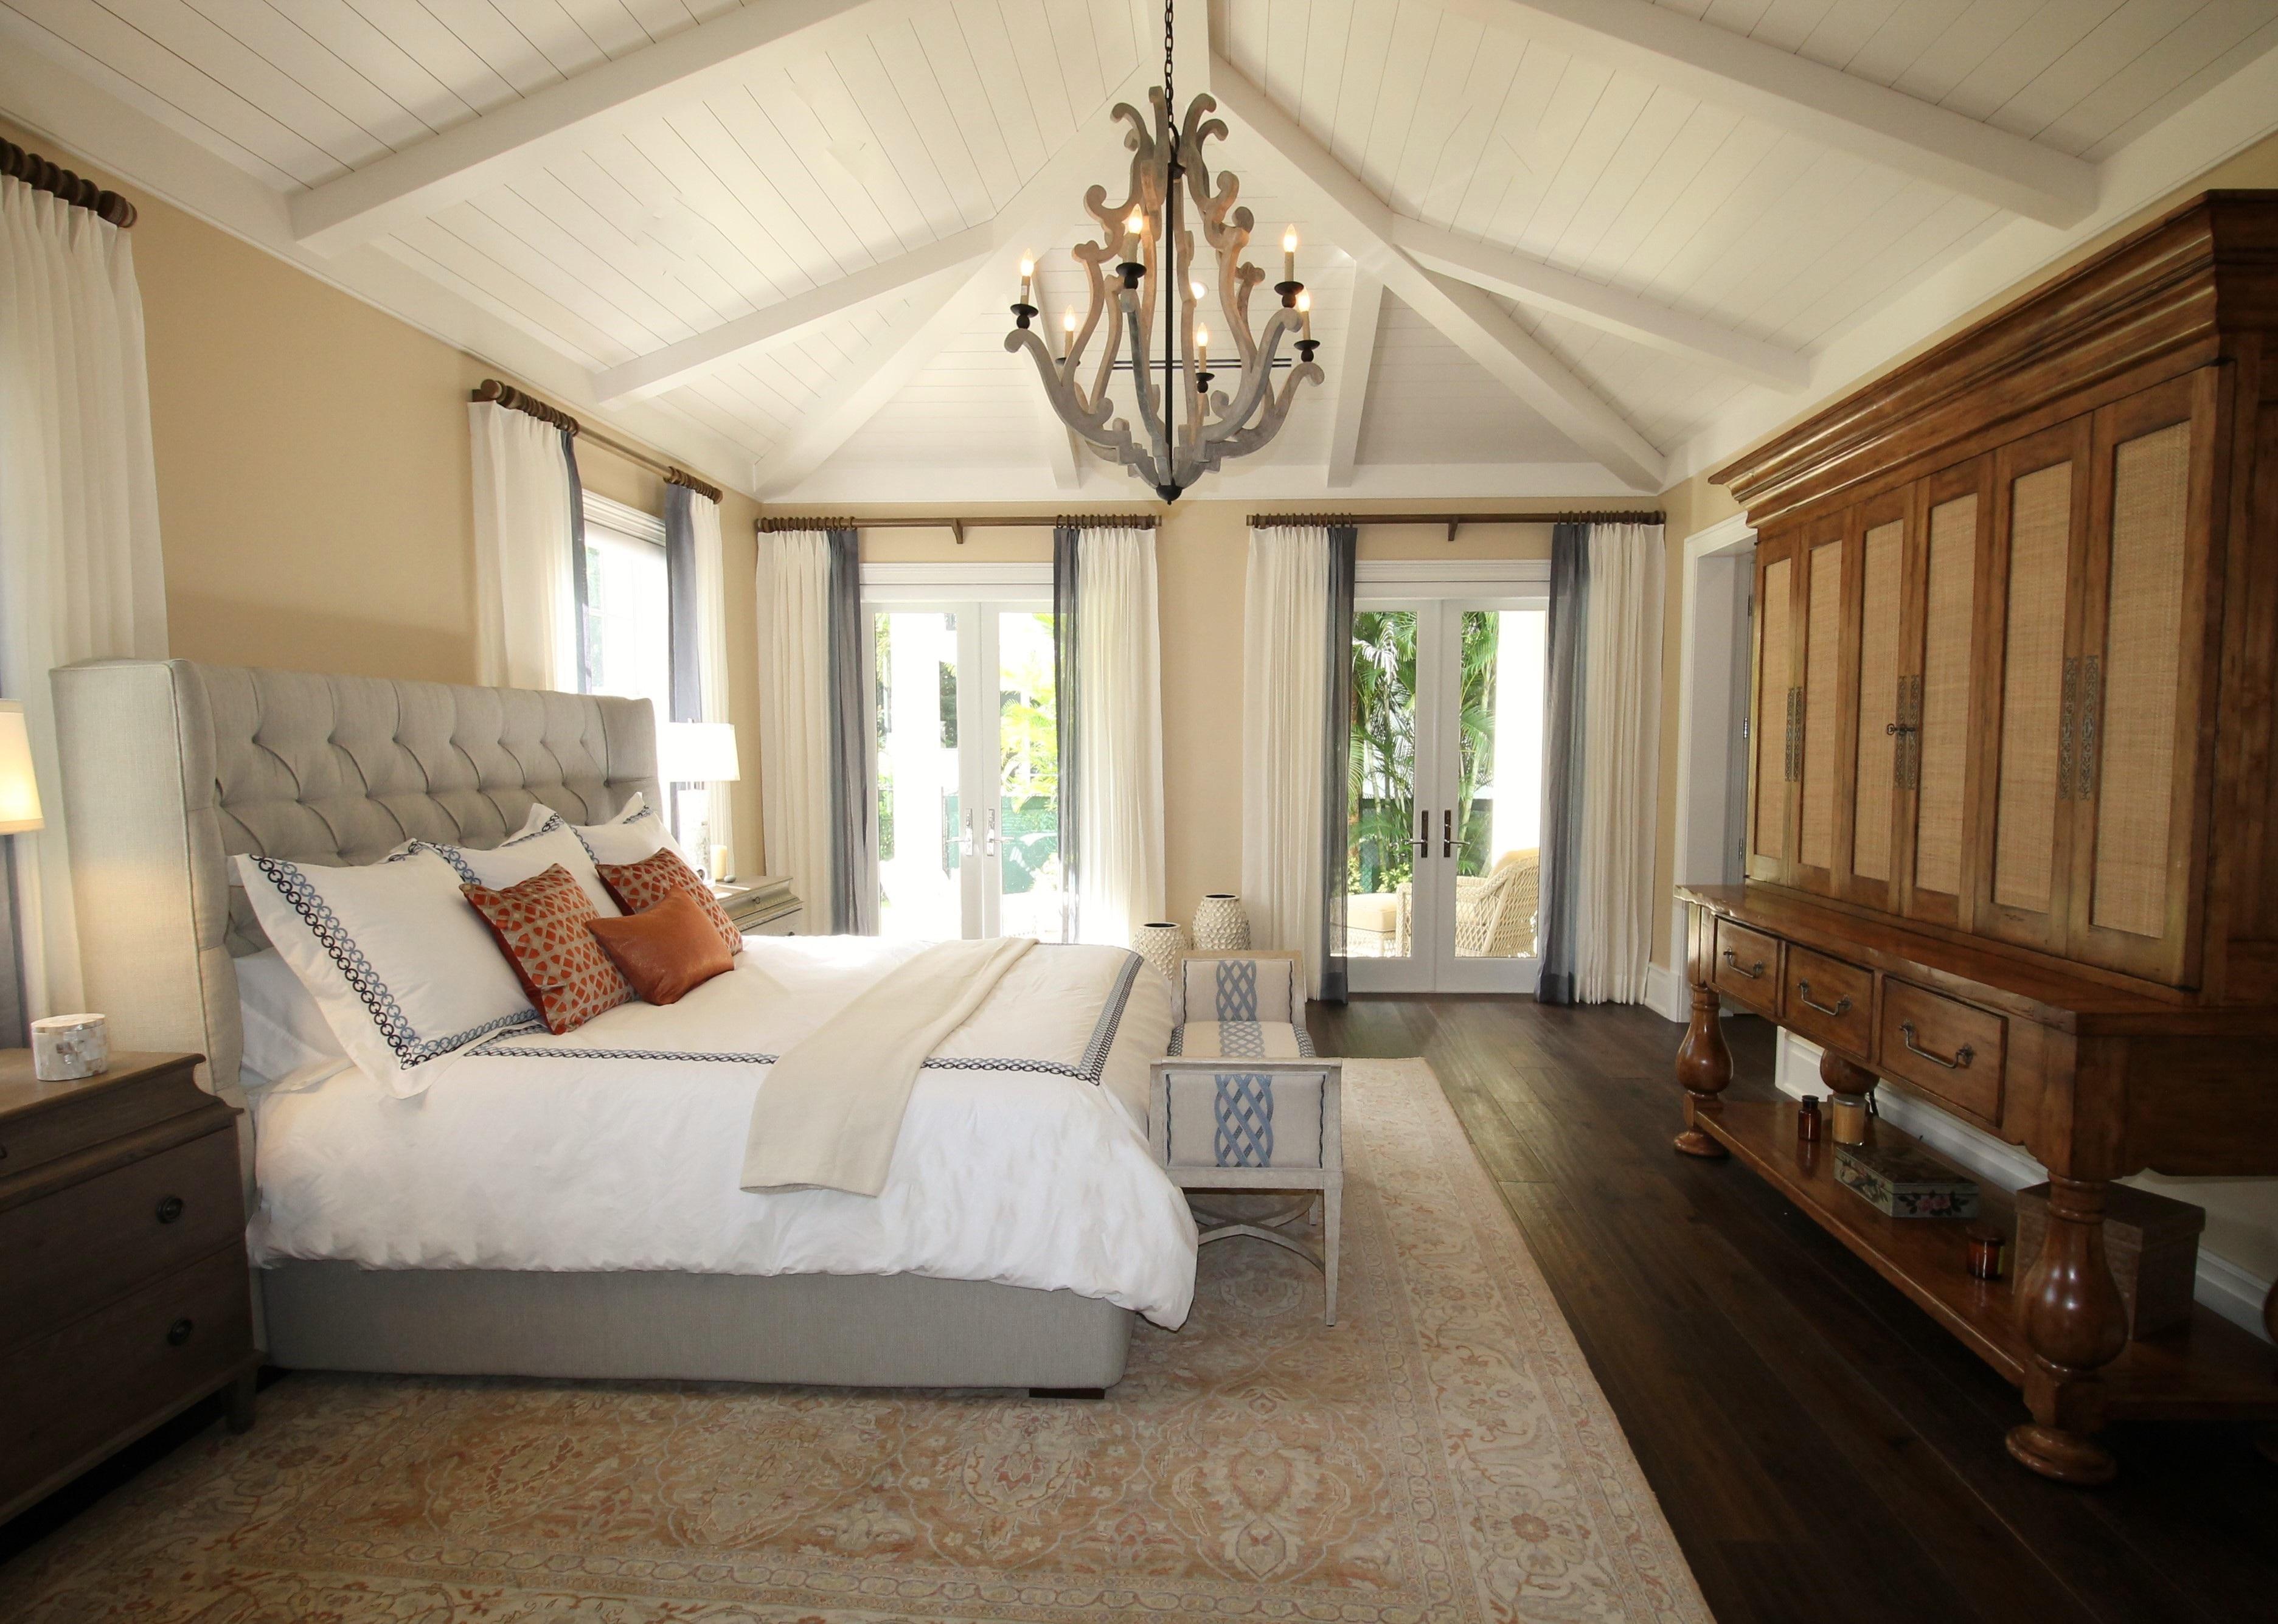 Images Gratuites Villa Manoir Sol Maison Plafond Chalet